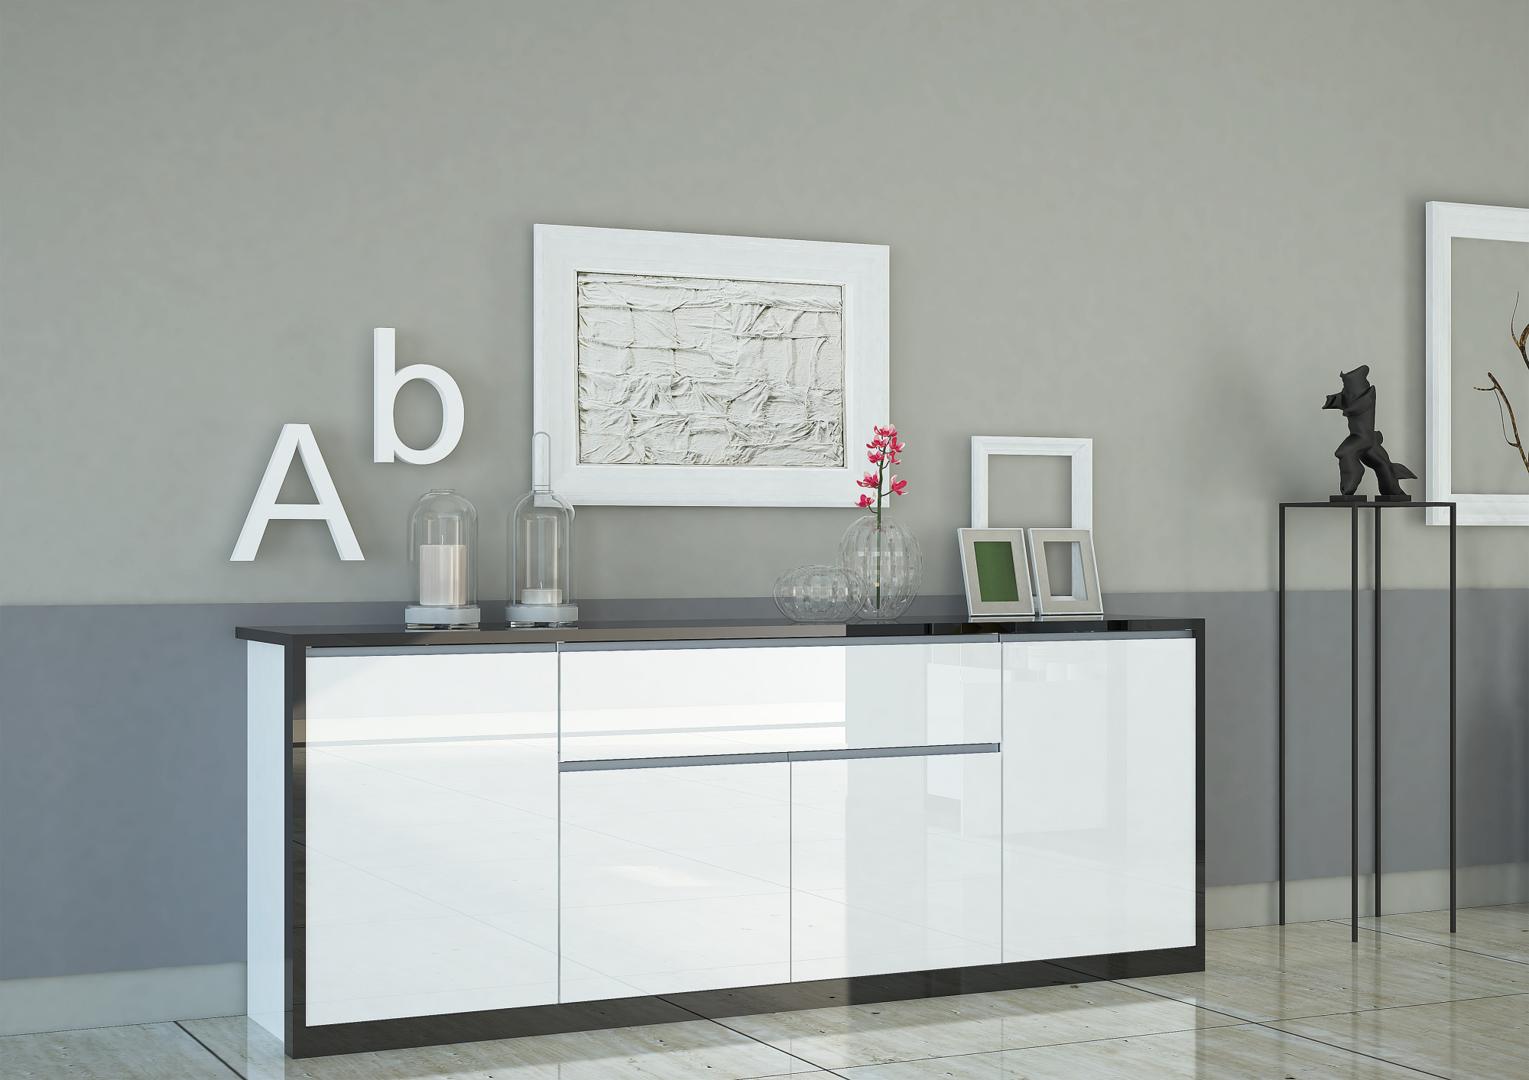 Madia bianca avana credenza moderna mobile soggiorno for Mobile soggiorno bianco